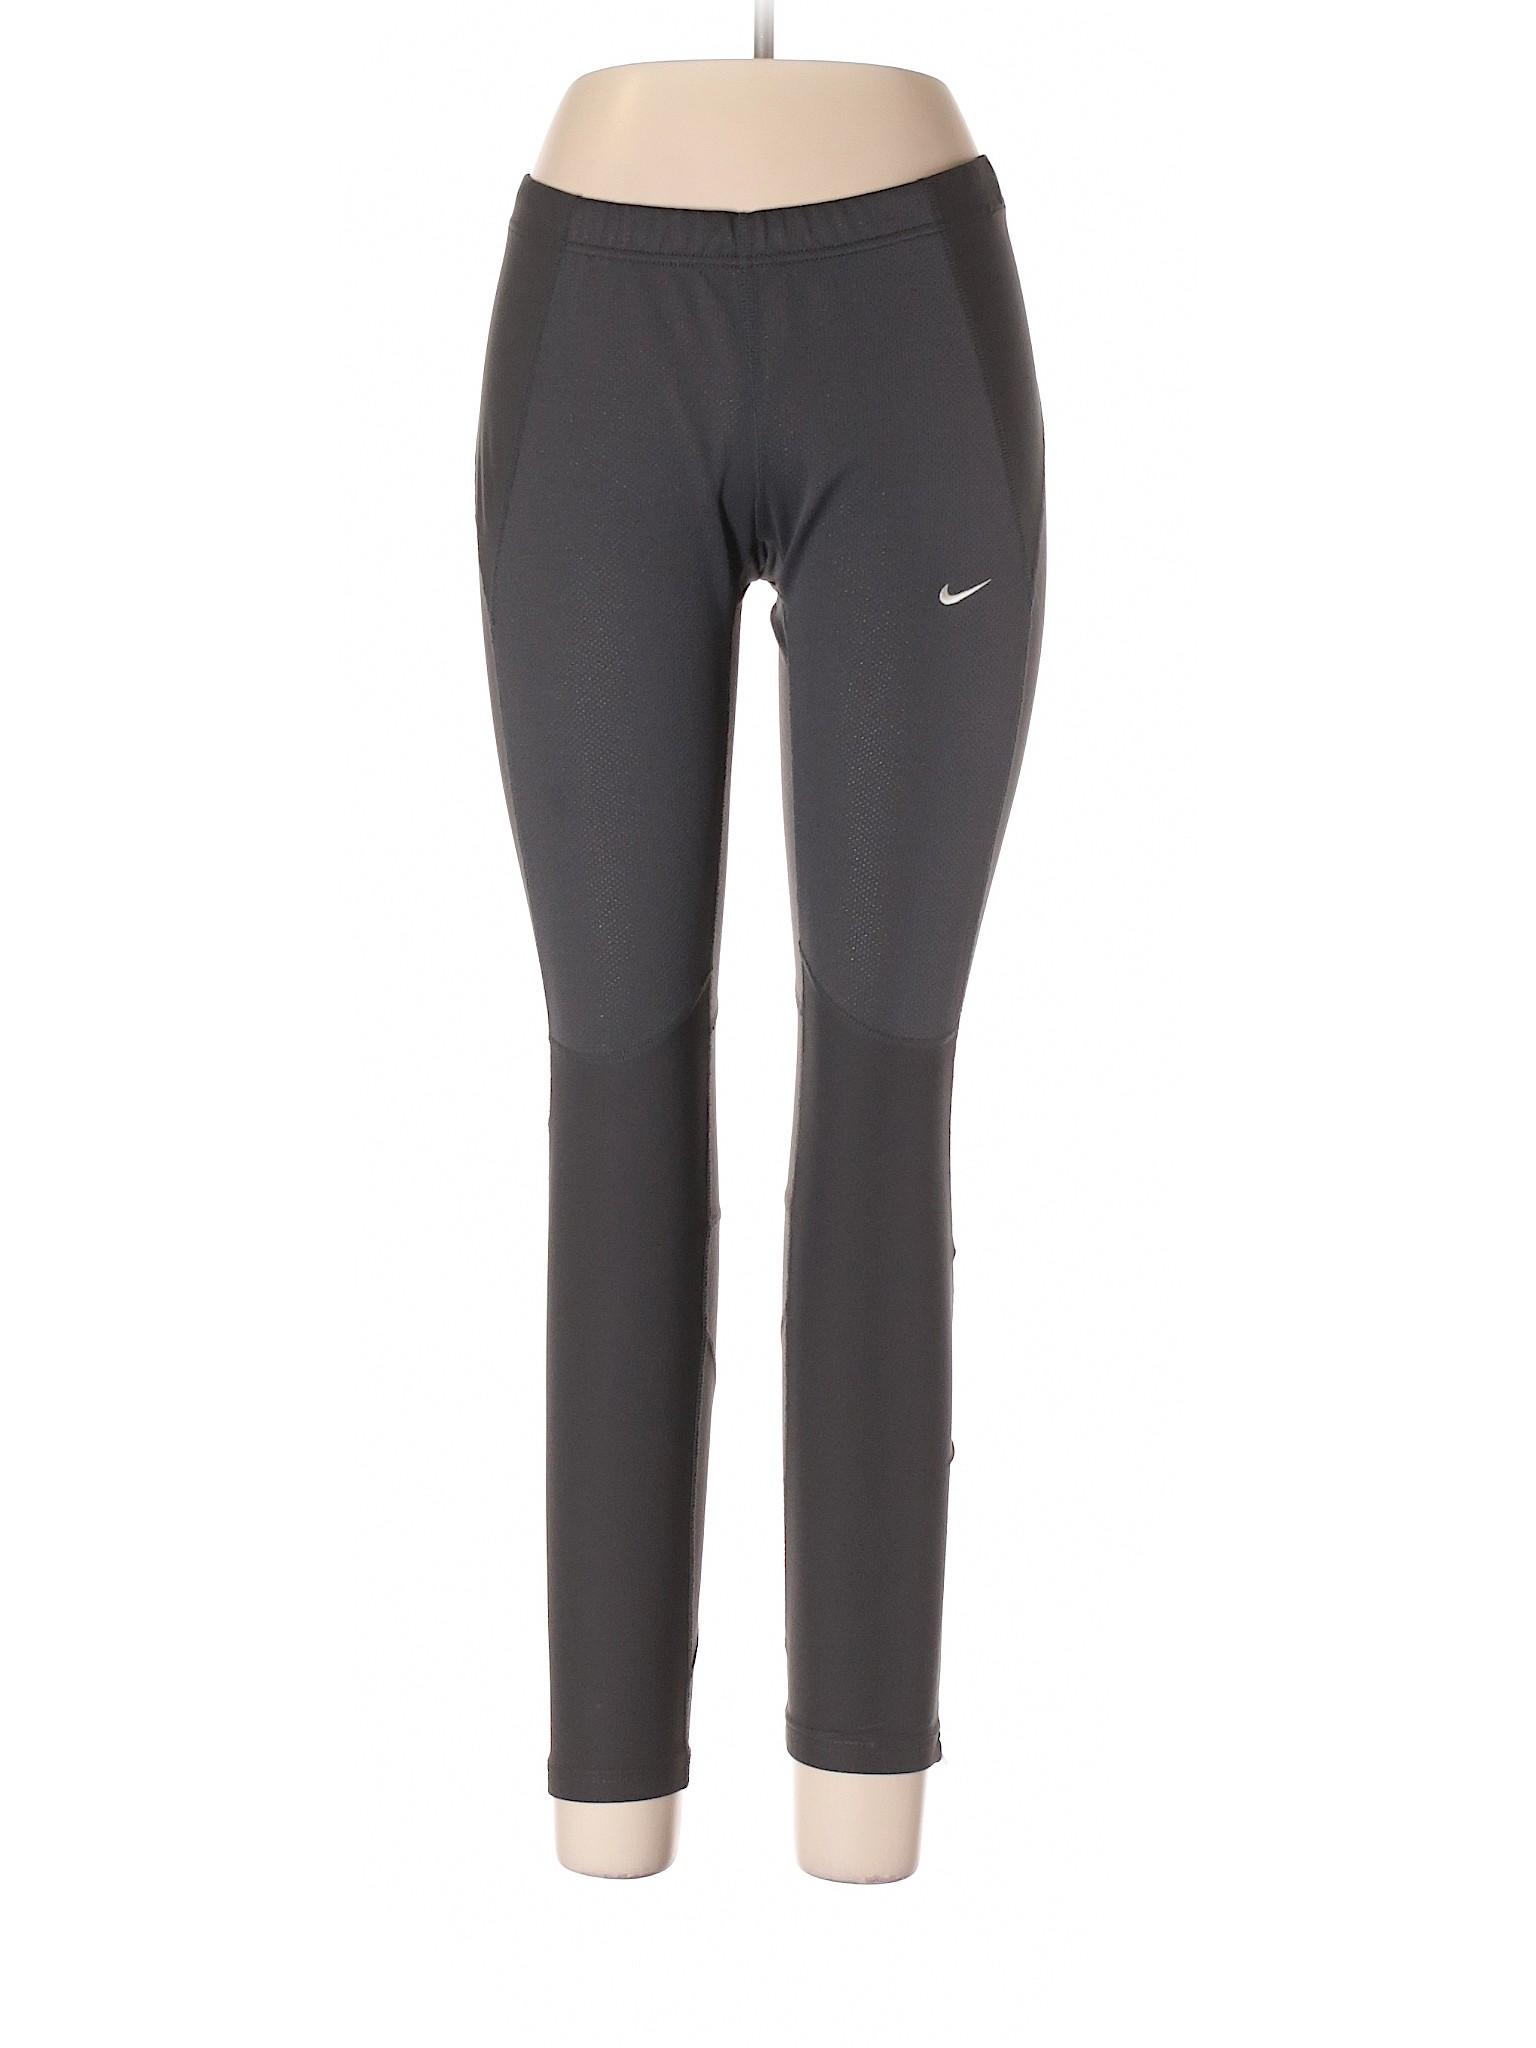 Boutique leisure Pants Nike Active leisure Boutique Active Pants Nike SH4xwqWP